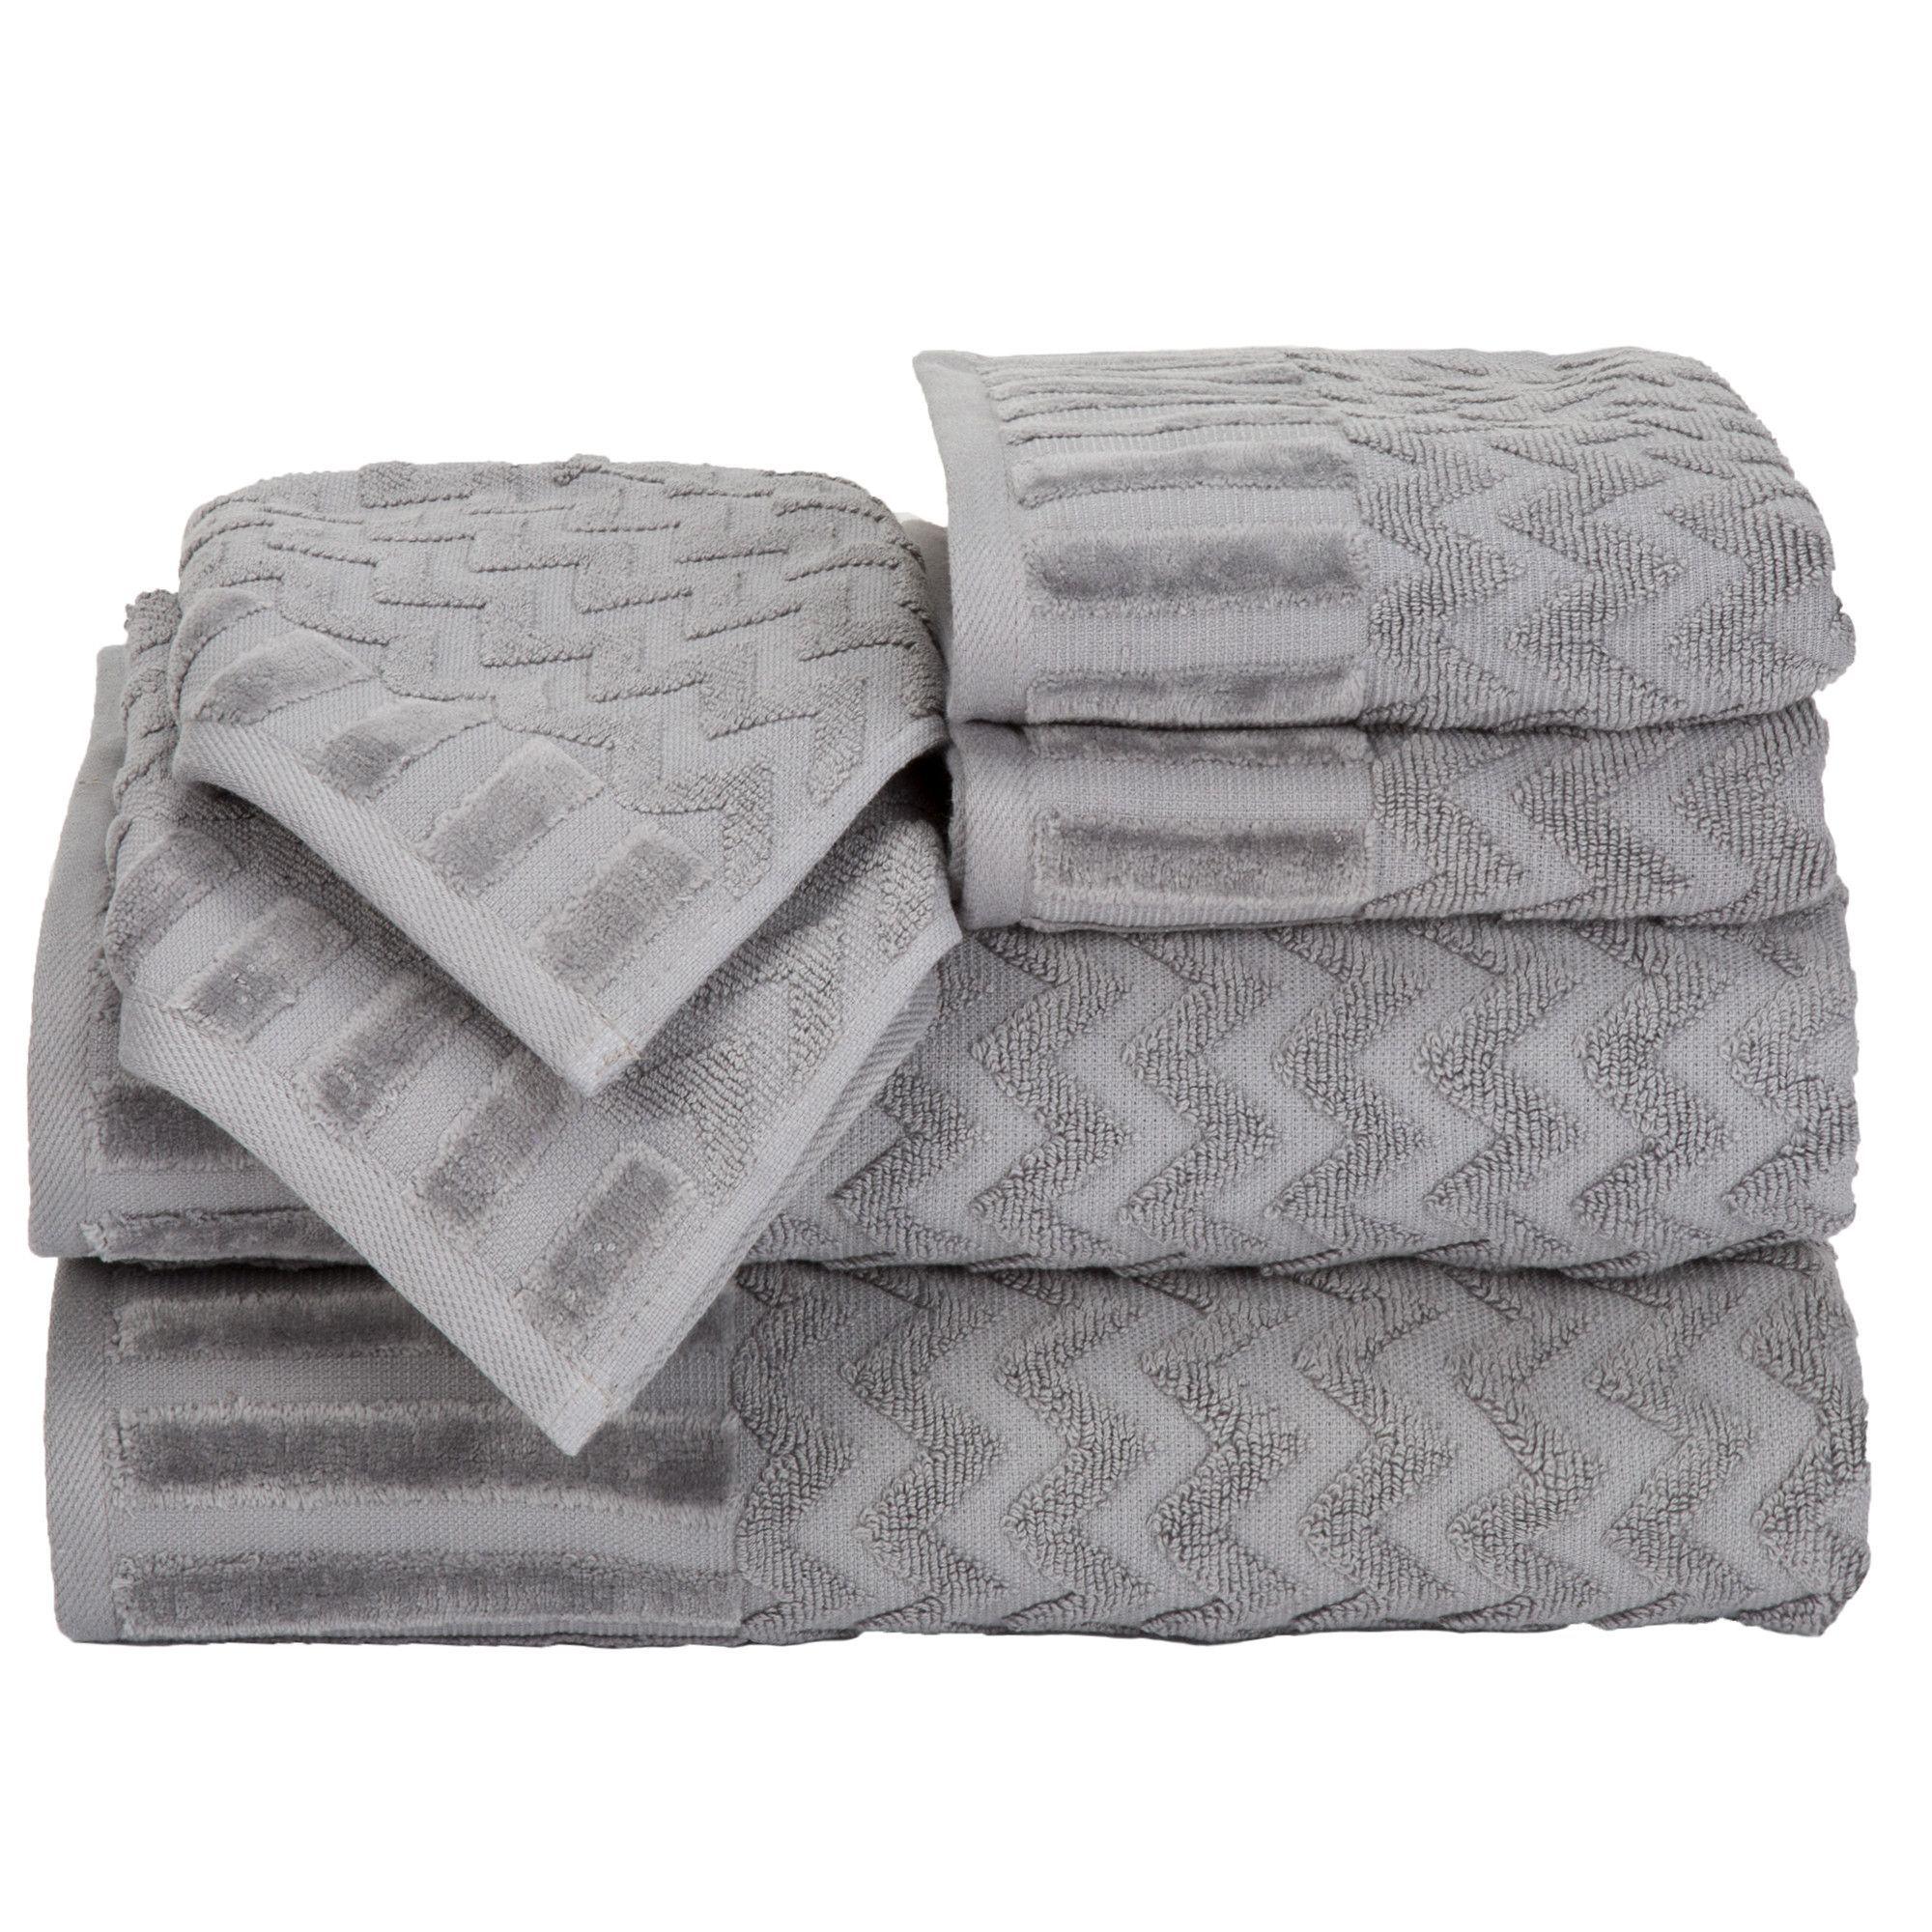 6 Piece Chevron Towel Set With Images Chevron Towels Towel Set